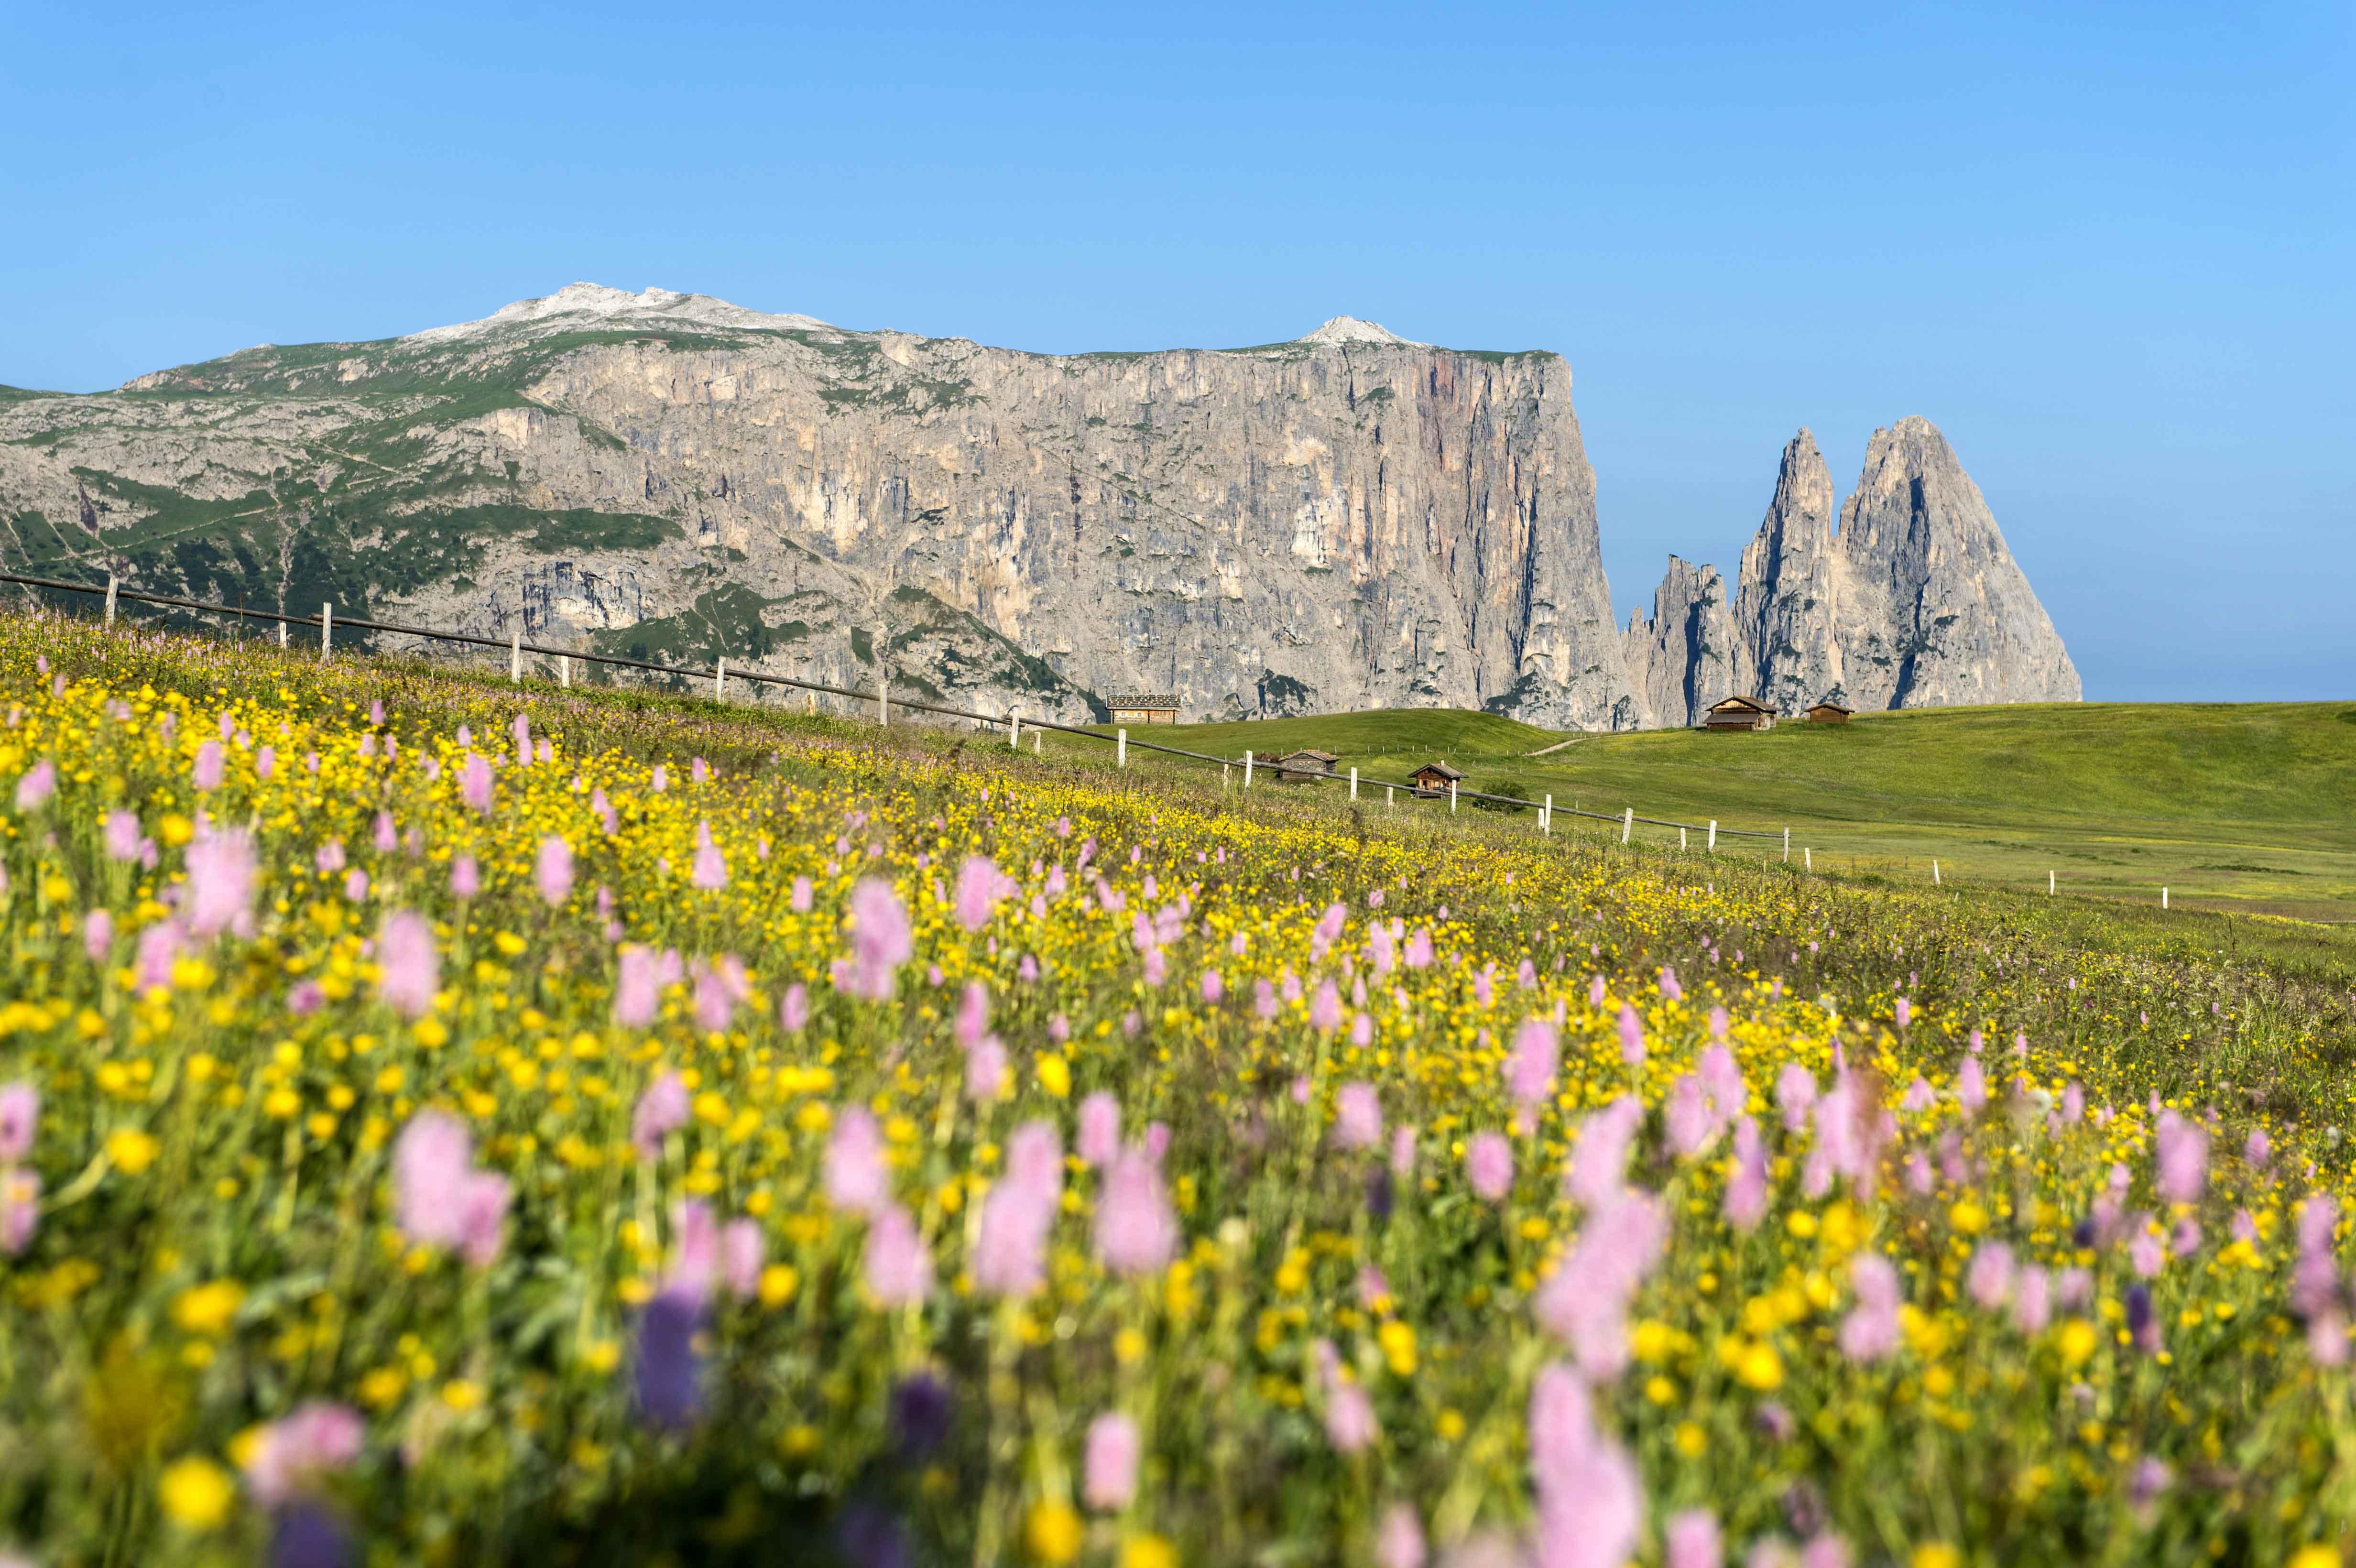 Dai pascoli fioriti dell'Alpe di Siusi, vista sul Massiccio dello Sciliar